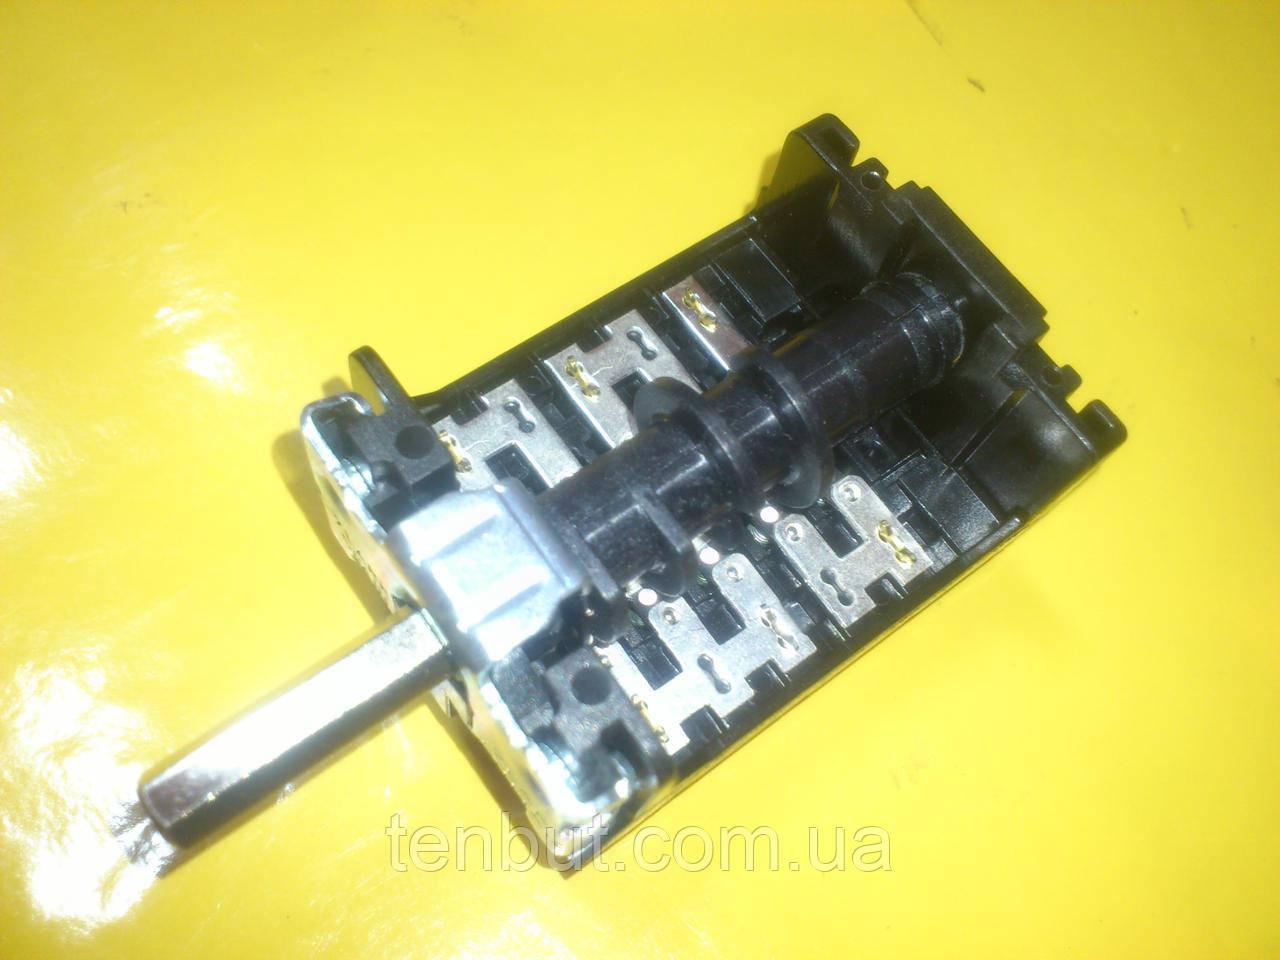 Переключатель 840511к для электроплит Ардо Беко Ханса 4-х позиционный производство Испания Barcelona